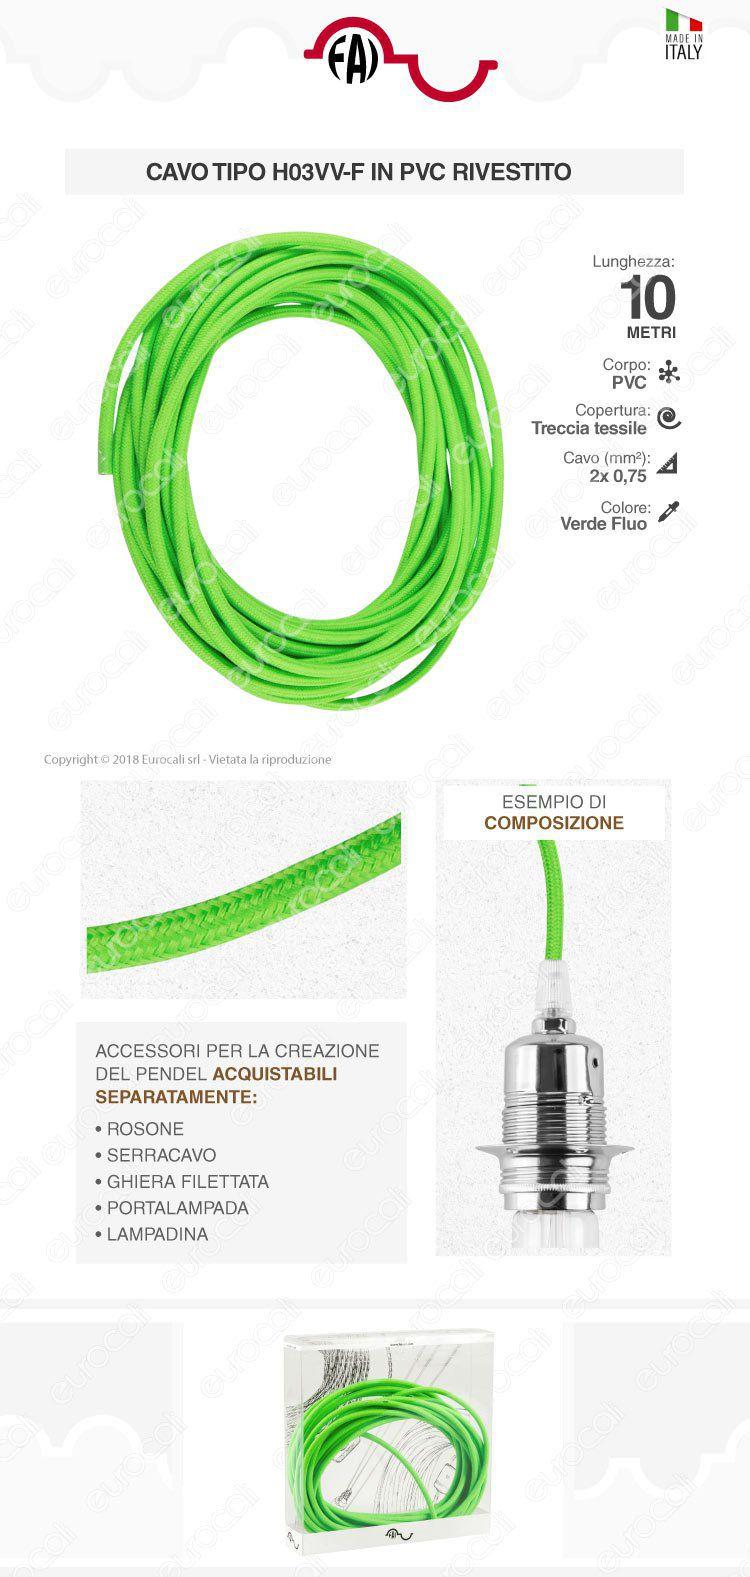 cavo elettrico corda FAI verde fluo lunghezza 10 metri